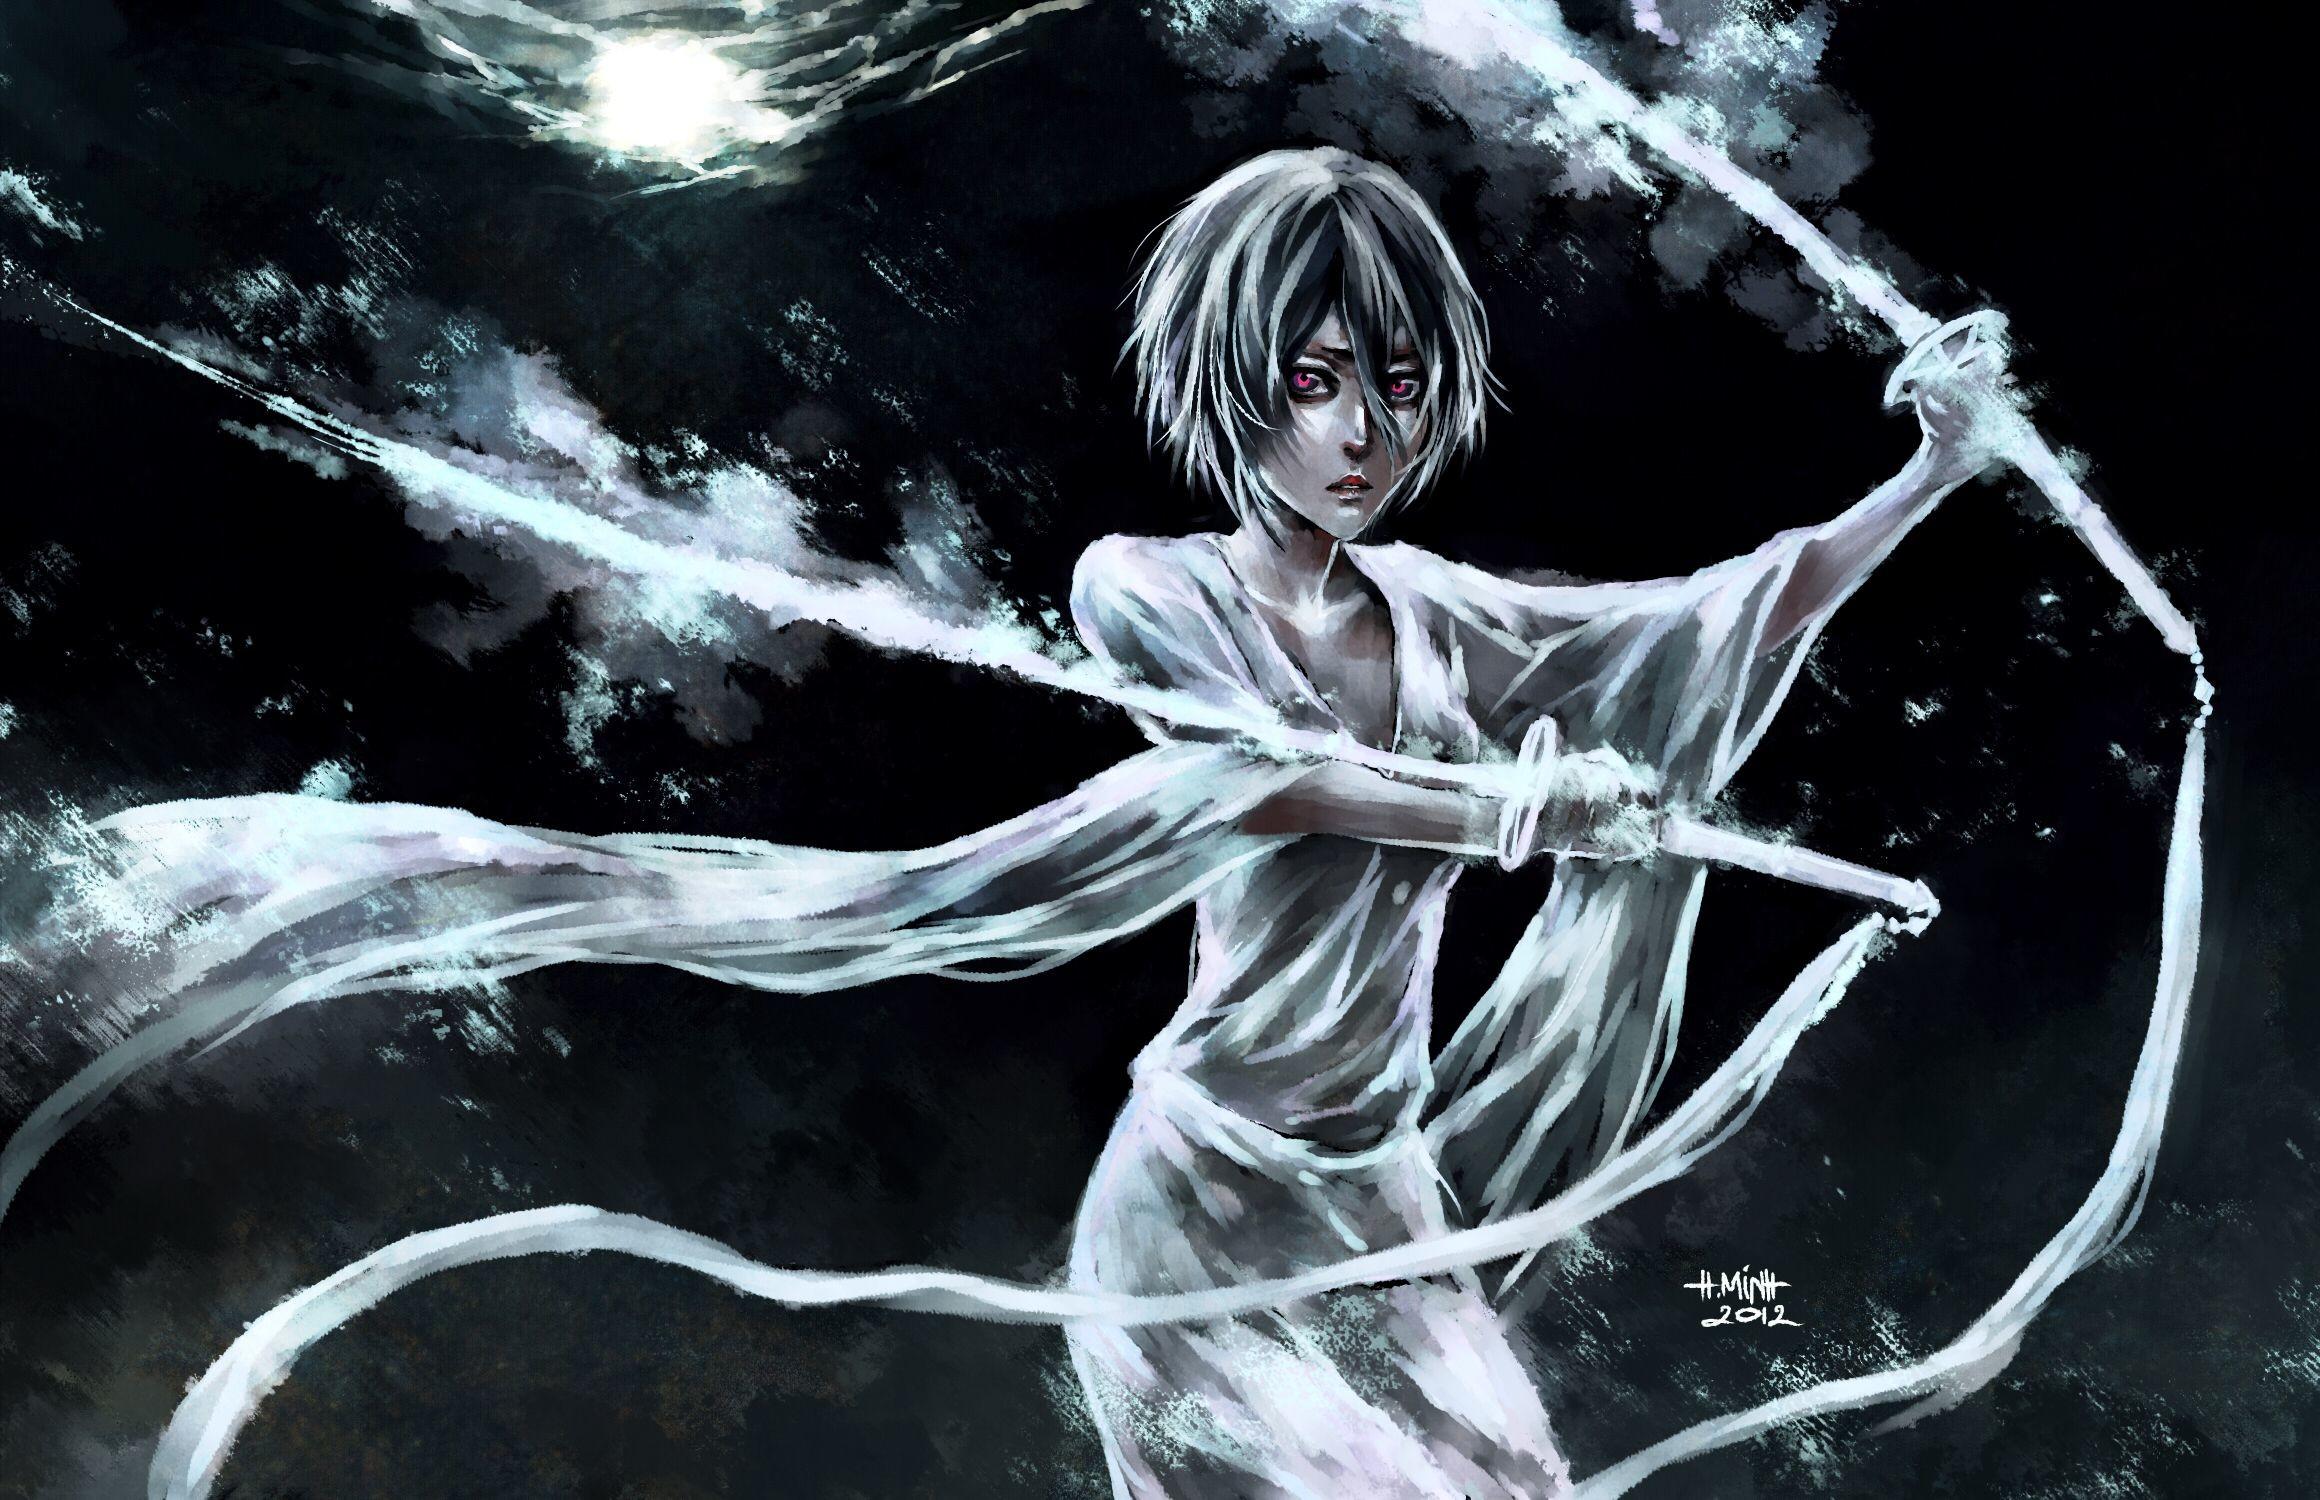 anime girl, nanfe, swords, paint, art, red eyes, dark,